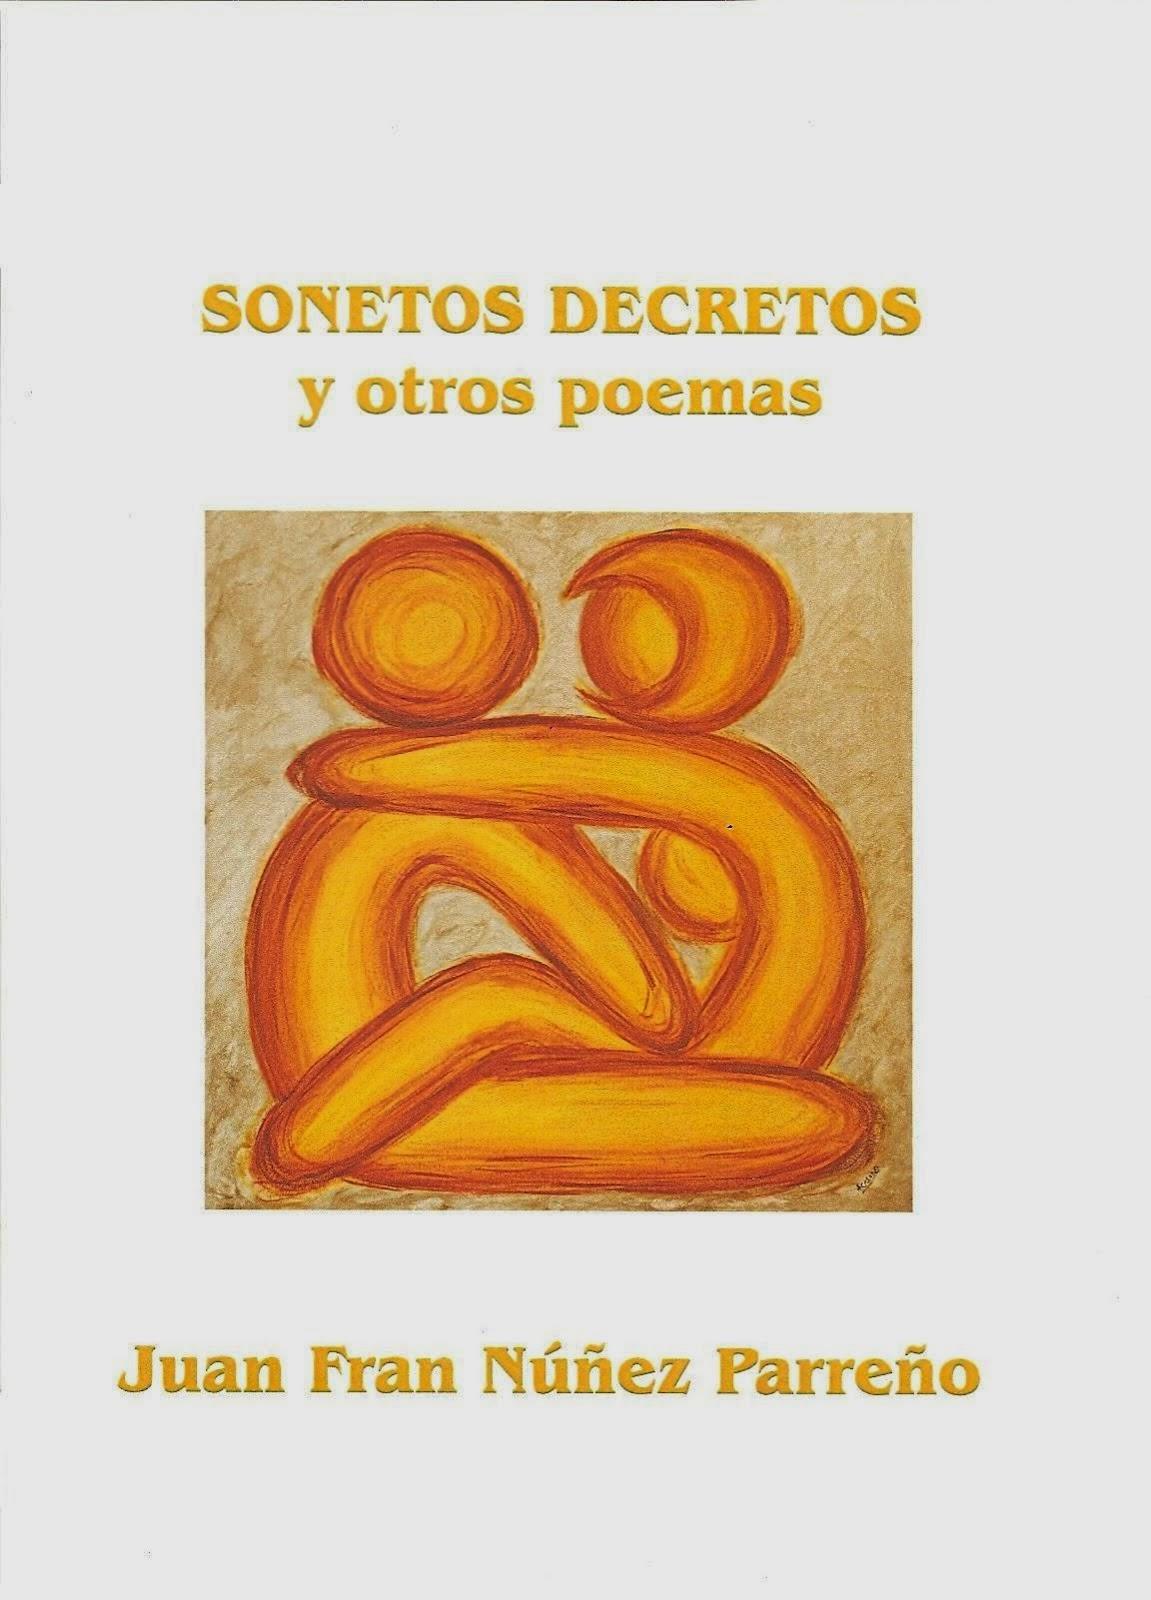 SONETOS DECRETOS y otros poemas